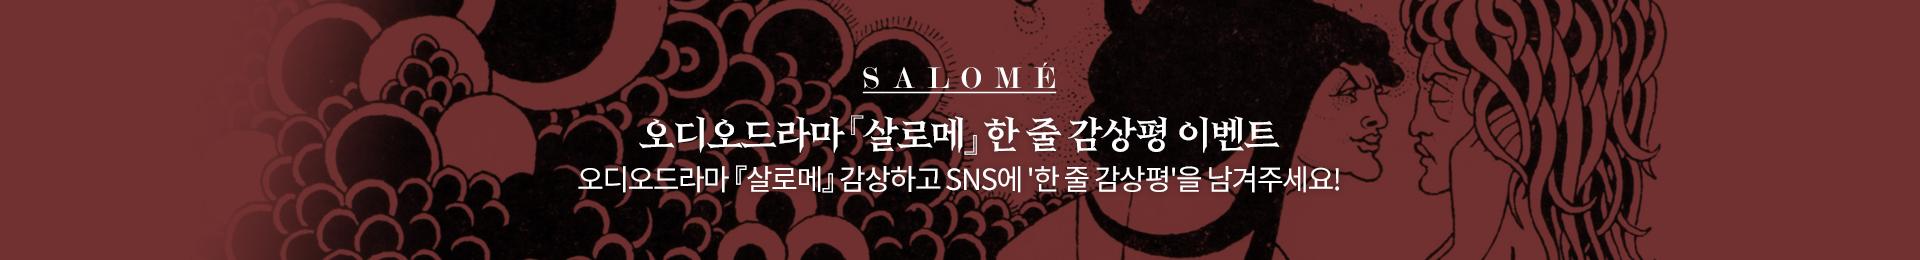 오디오드라마 『살로메』 한 줄 감상평 이벤트